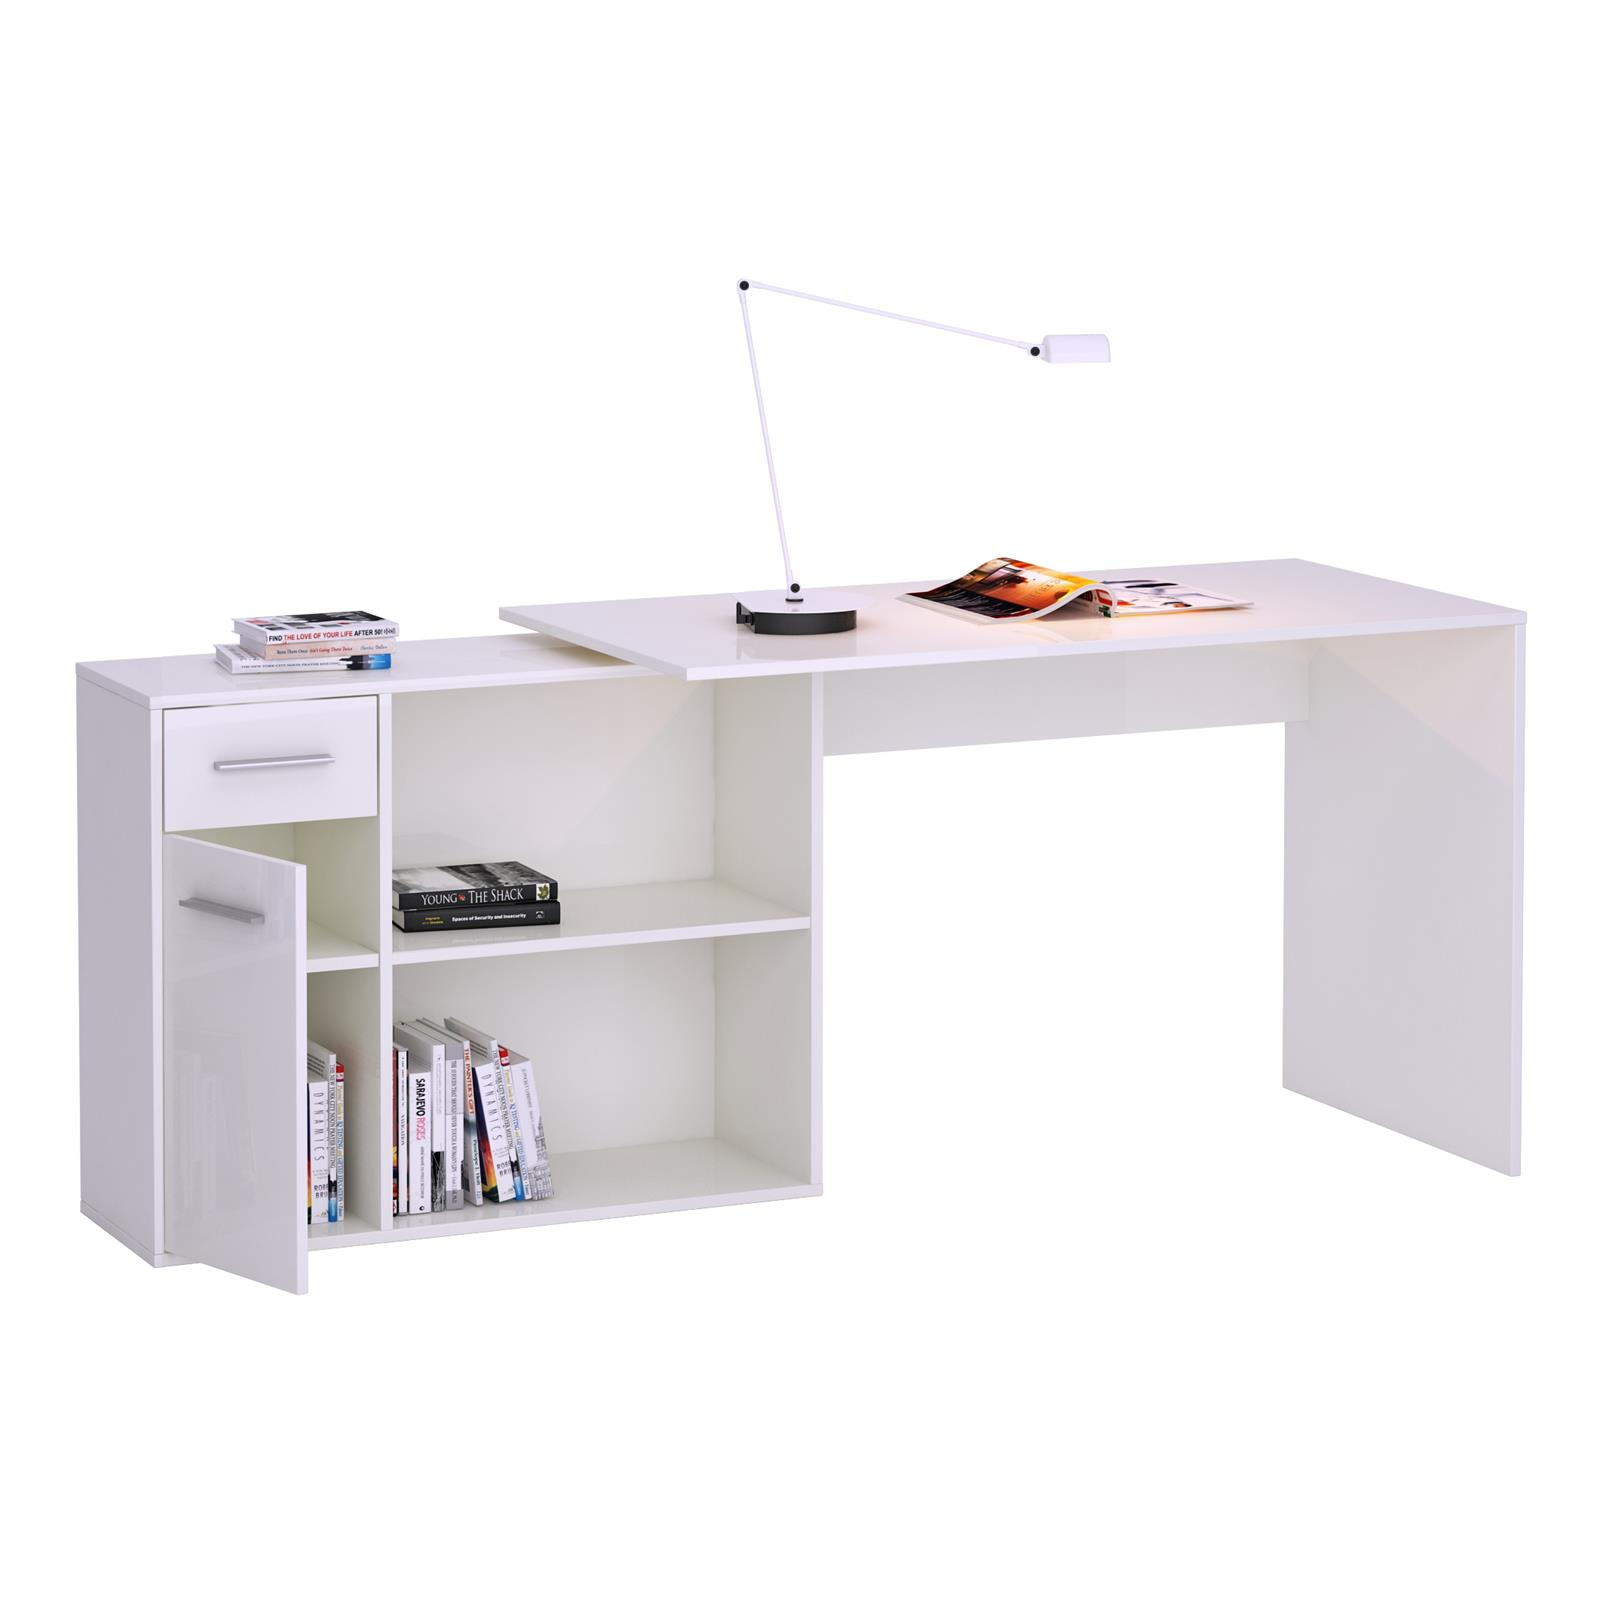 eckschreibtisch lena mit regal in wei caro m bel. Black Bedroom Furniture Sets. Home Design Ideas